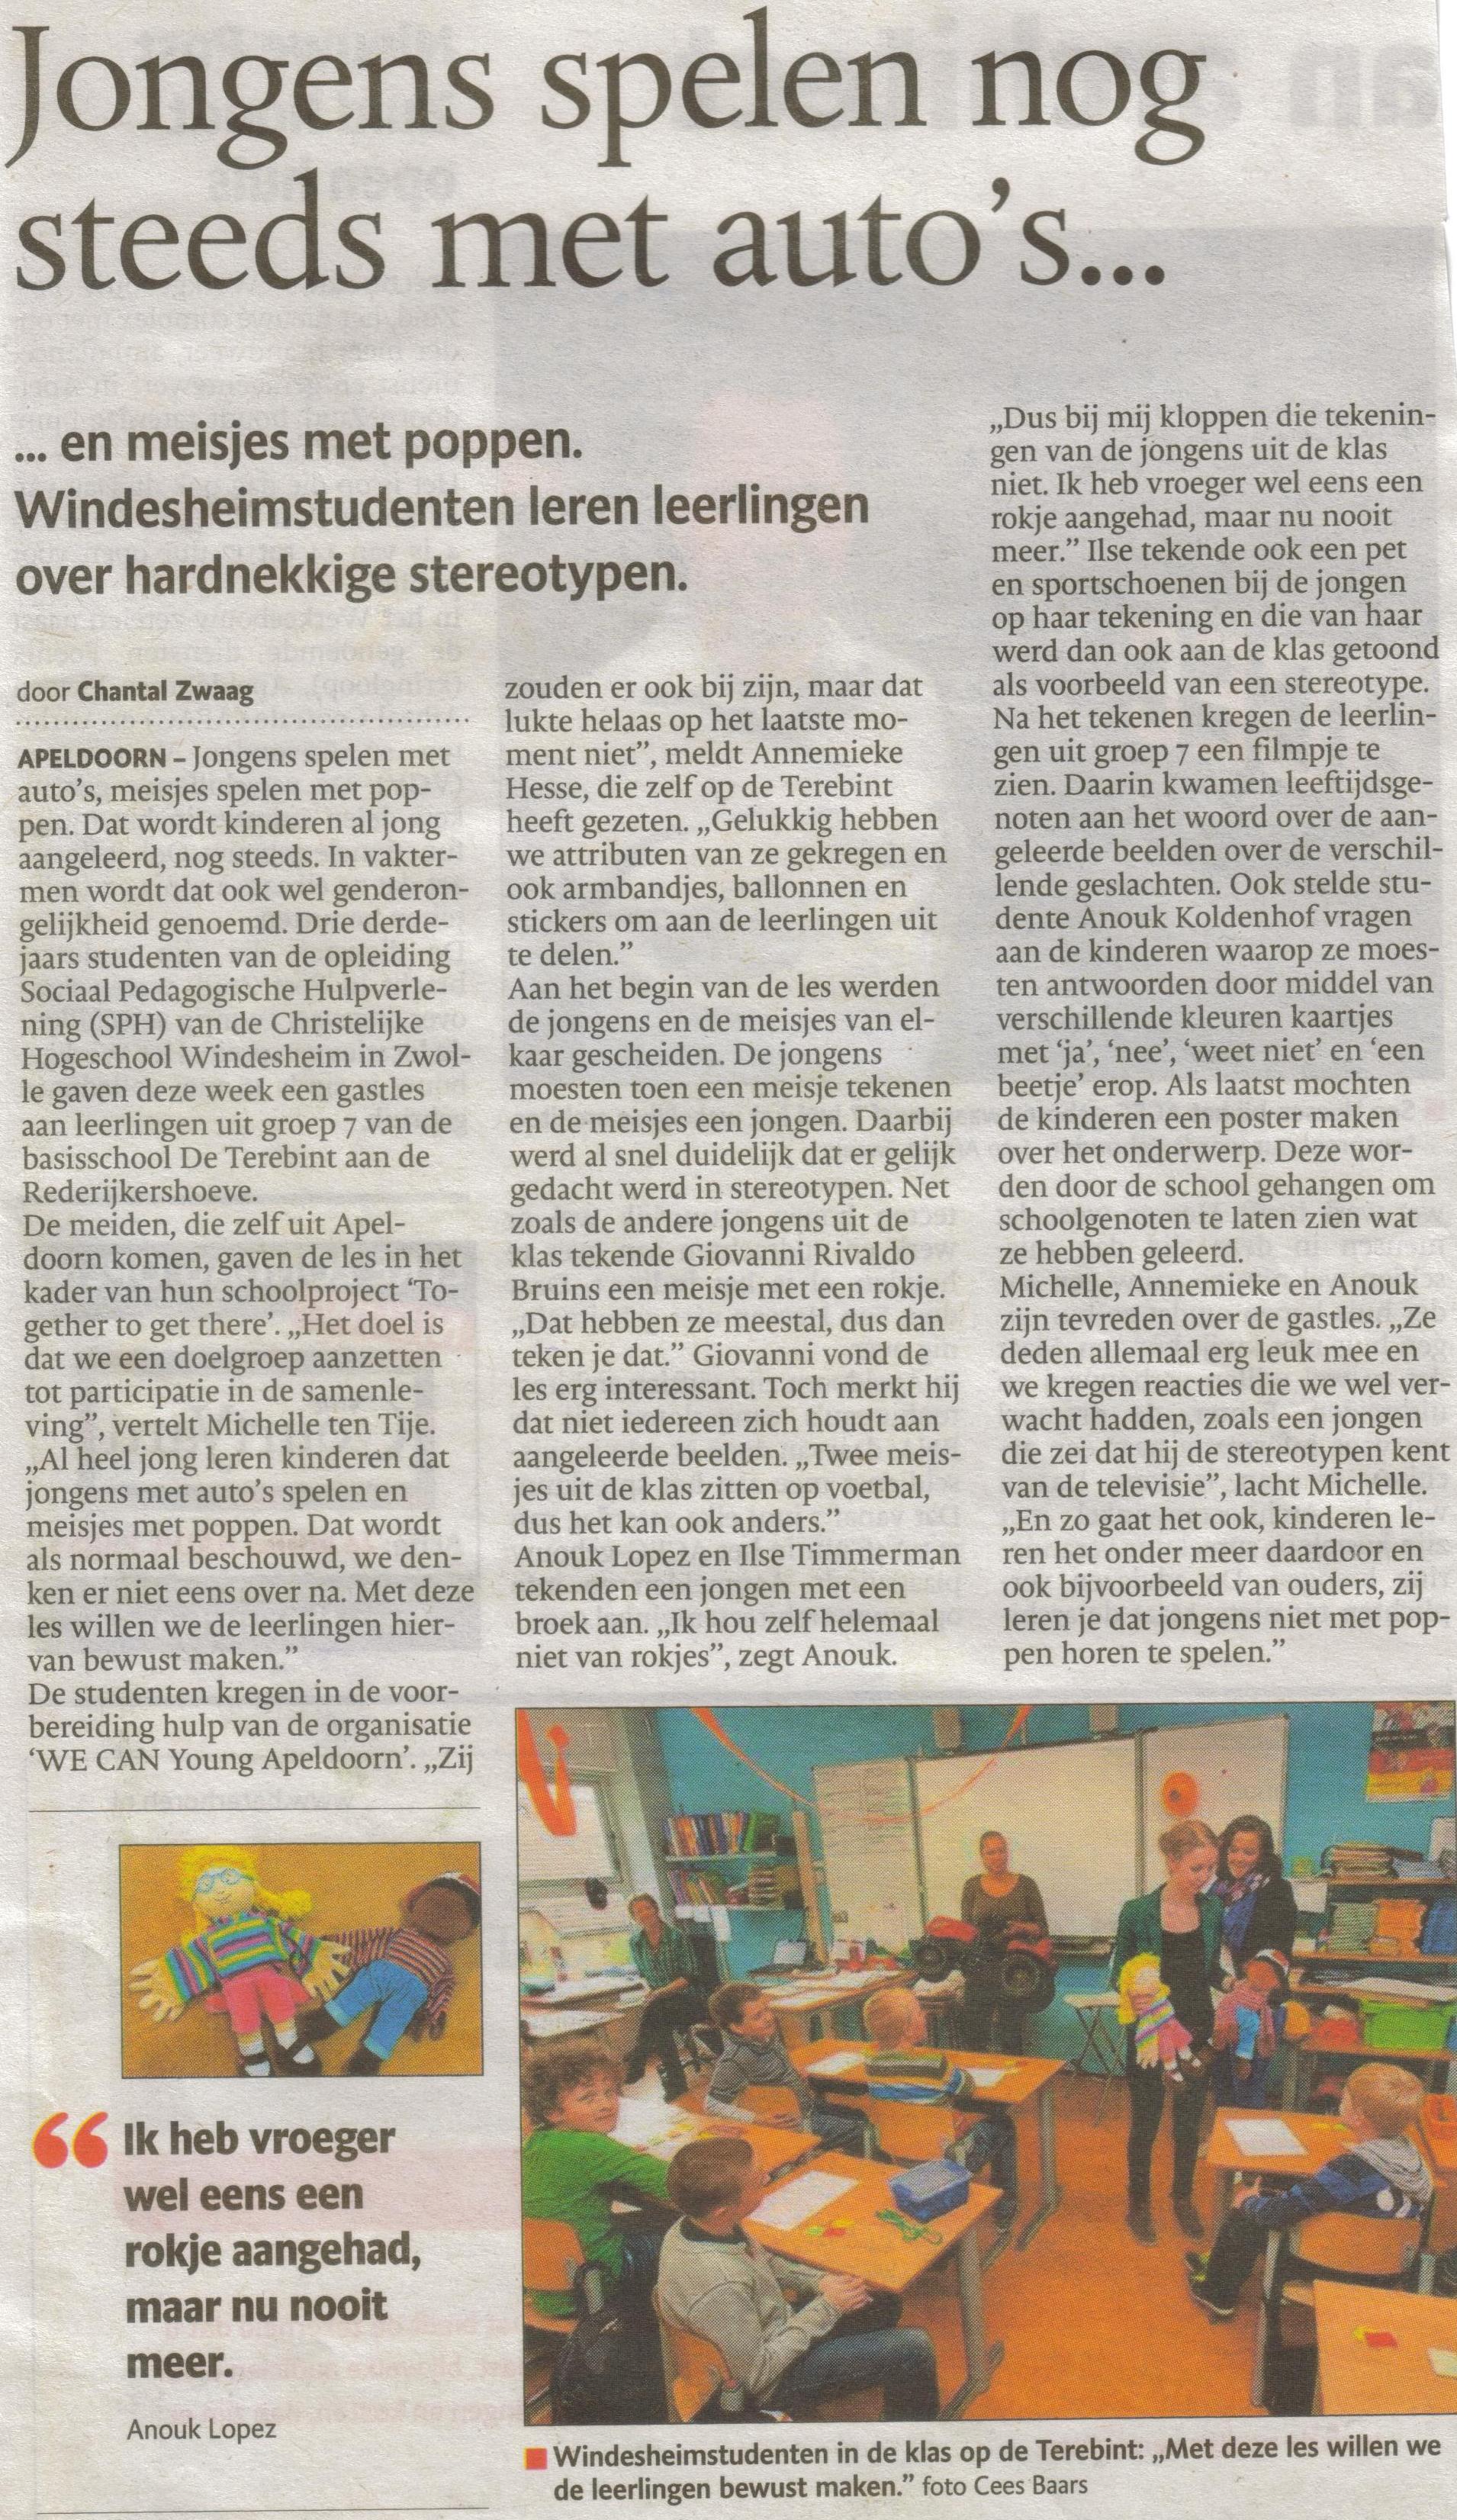 17- genderongelijkheid scholen- voorlichting windesheimstudenten-publicatiedatum 25 mei 2013